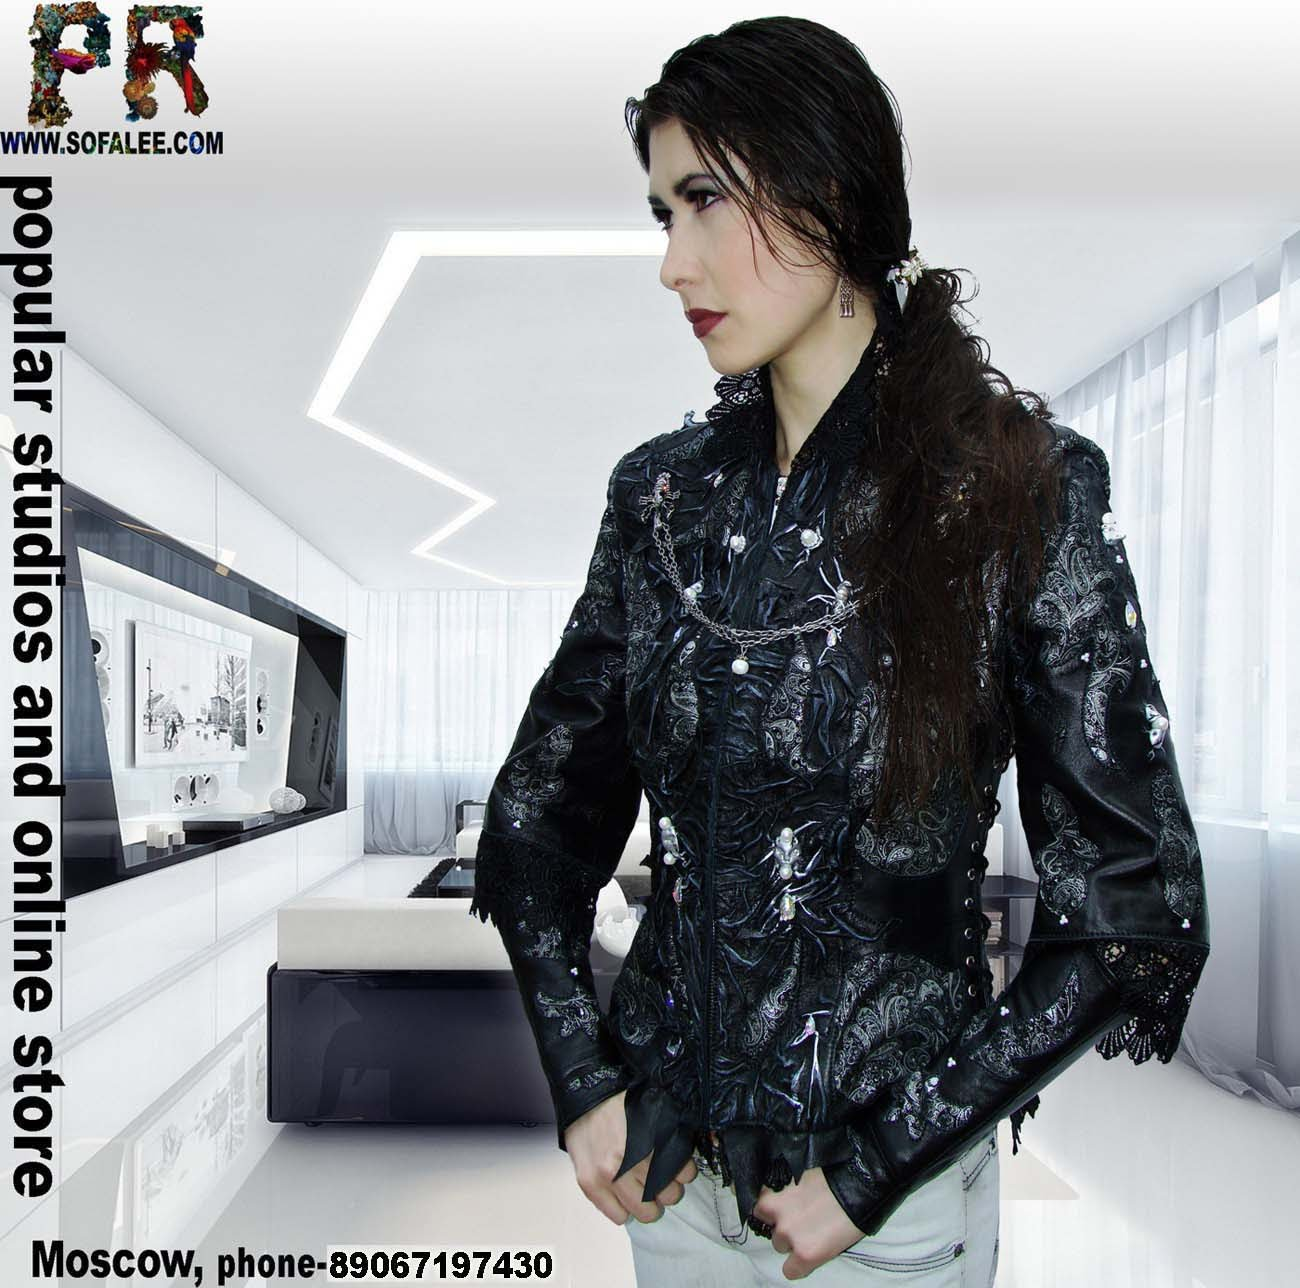 Молодежная эксклюзивная кожаная куртка в стиле Рок.